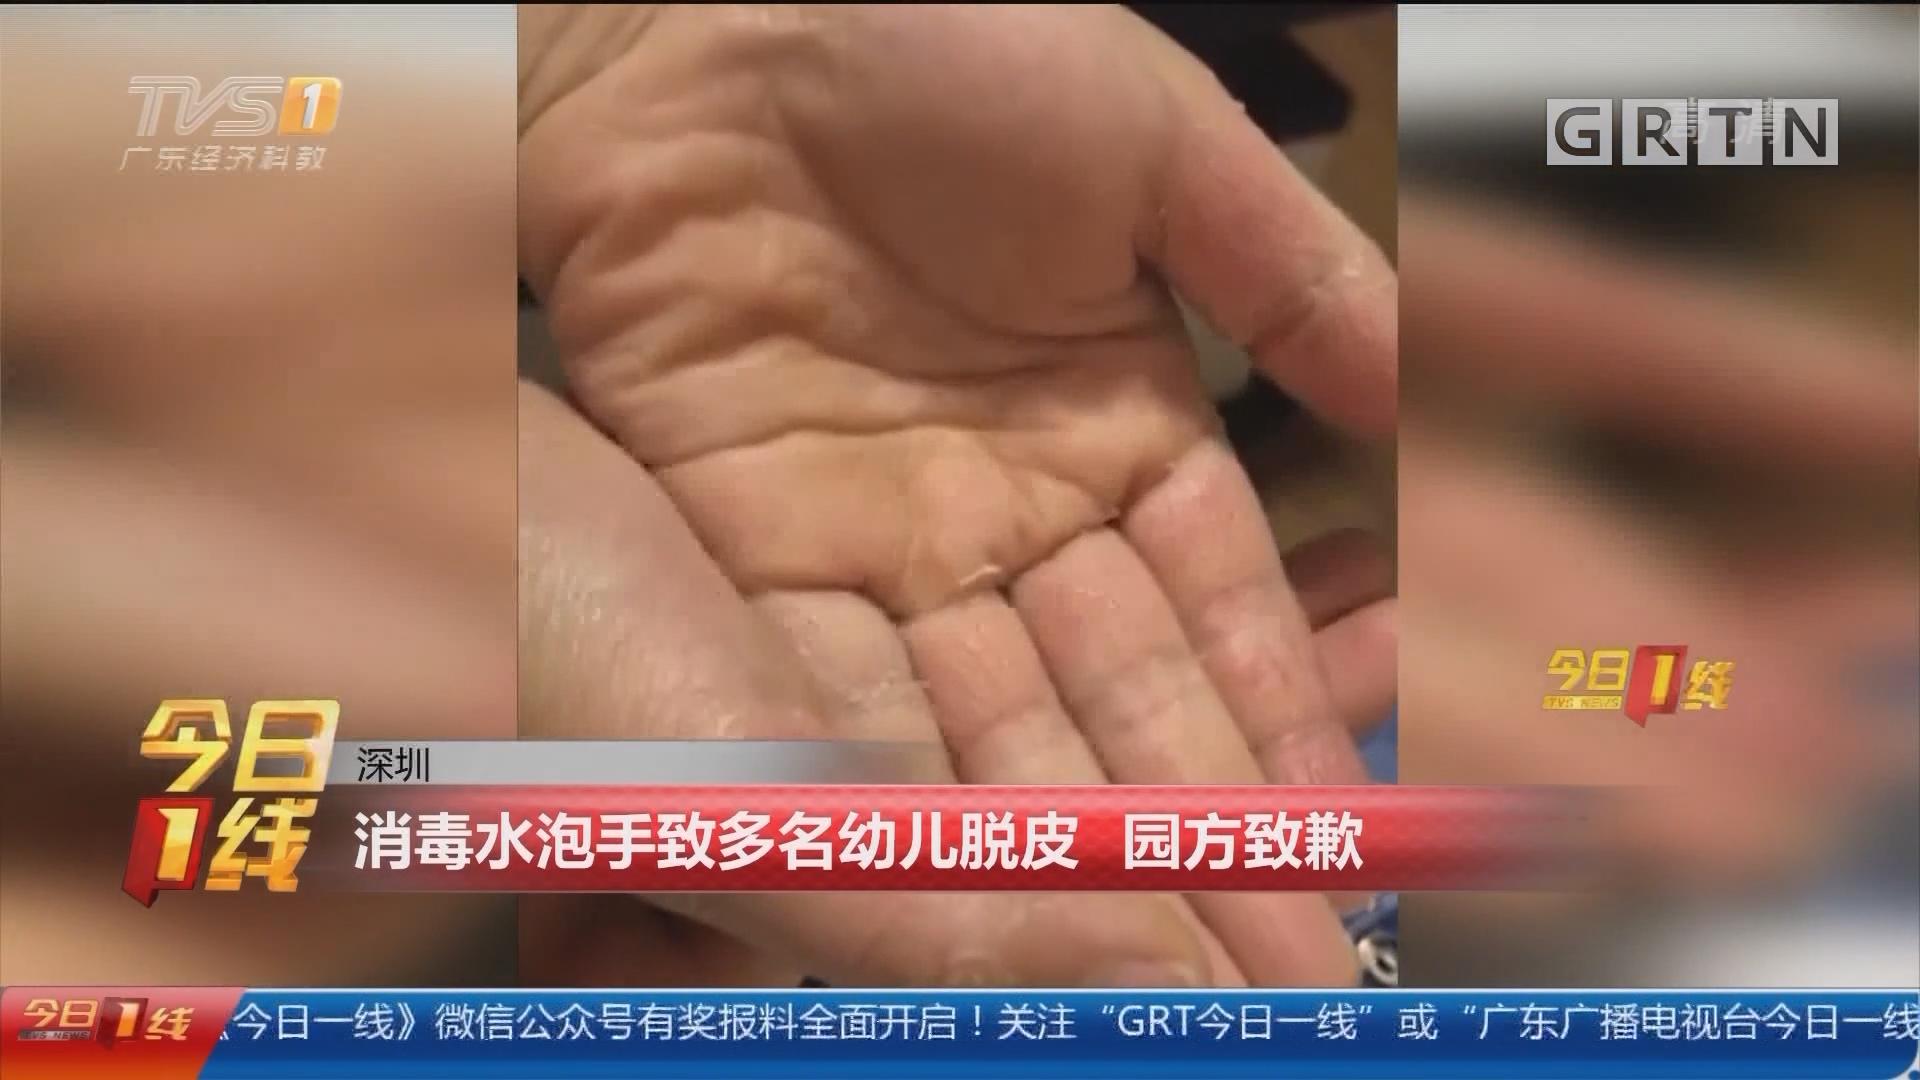 深圳:消毒水泡手致多名幼儿脱皮 园方致歉